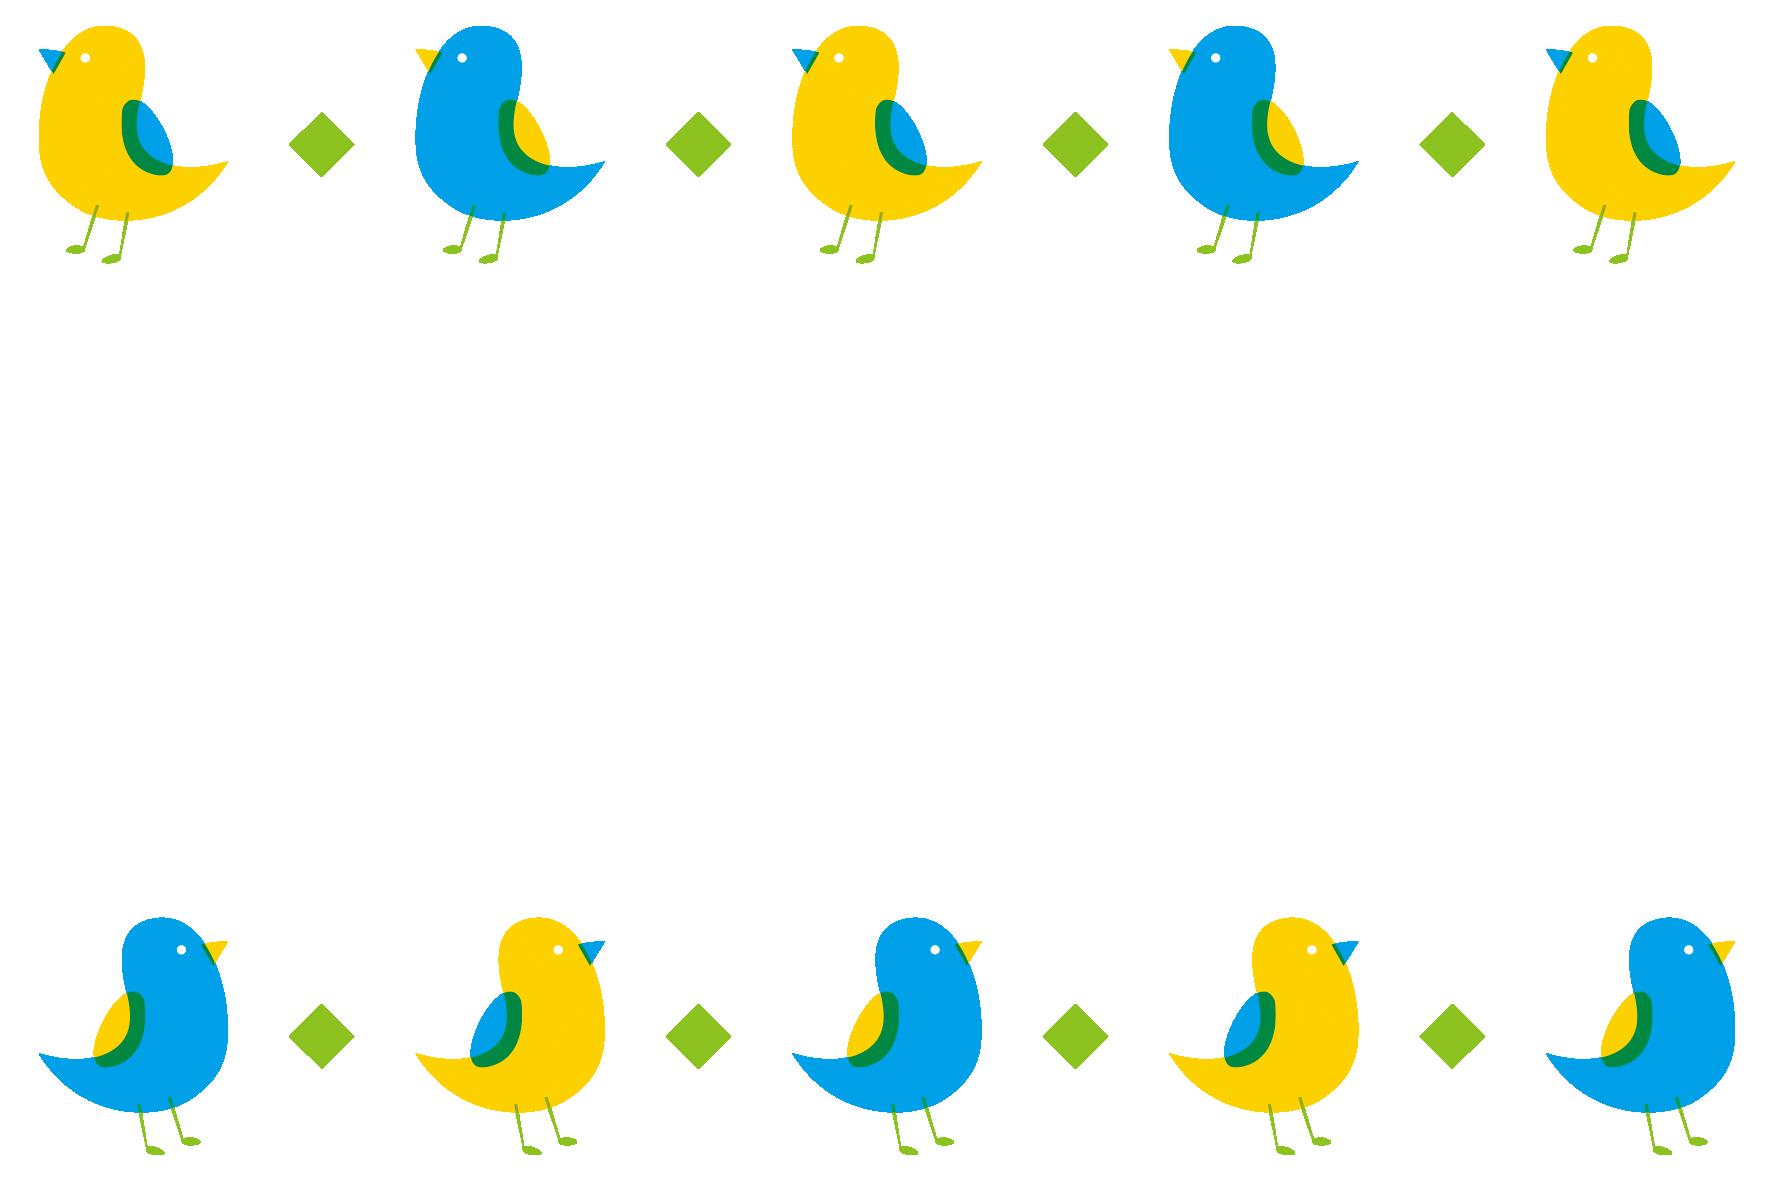 青い小鳥と黄色い小鳥のフレーム」 - 無料イラスト愛